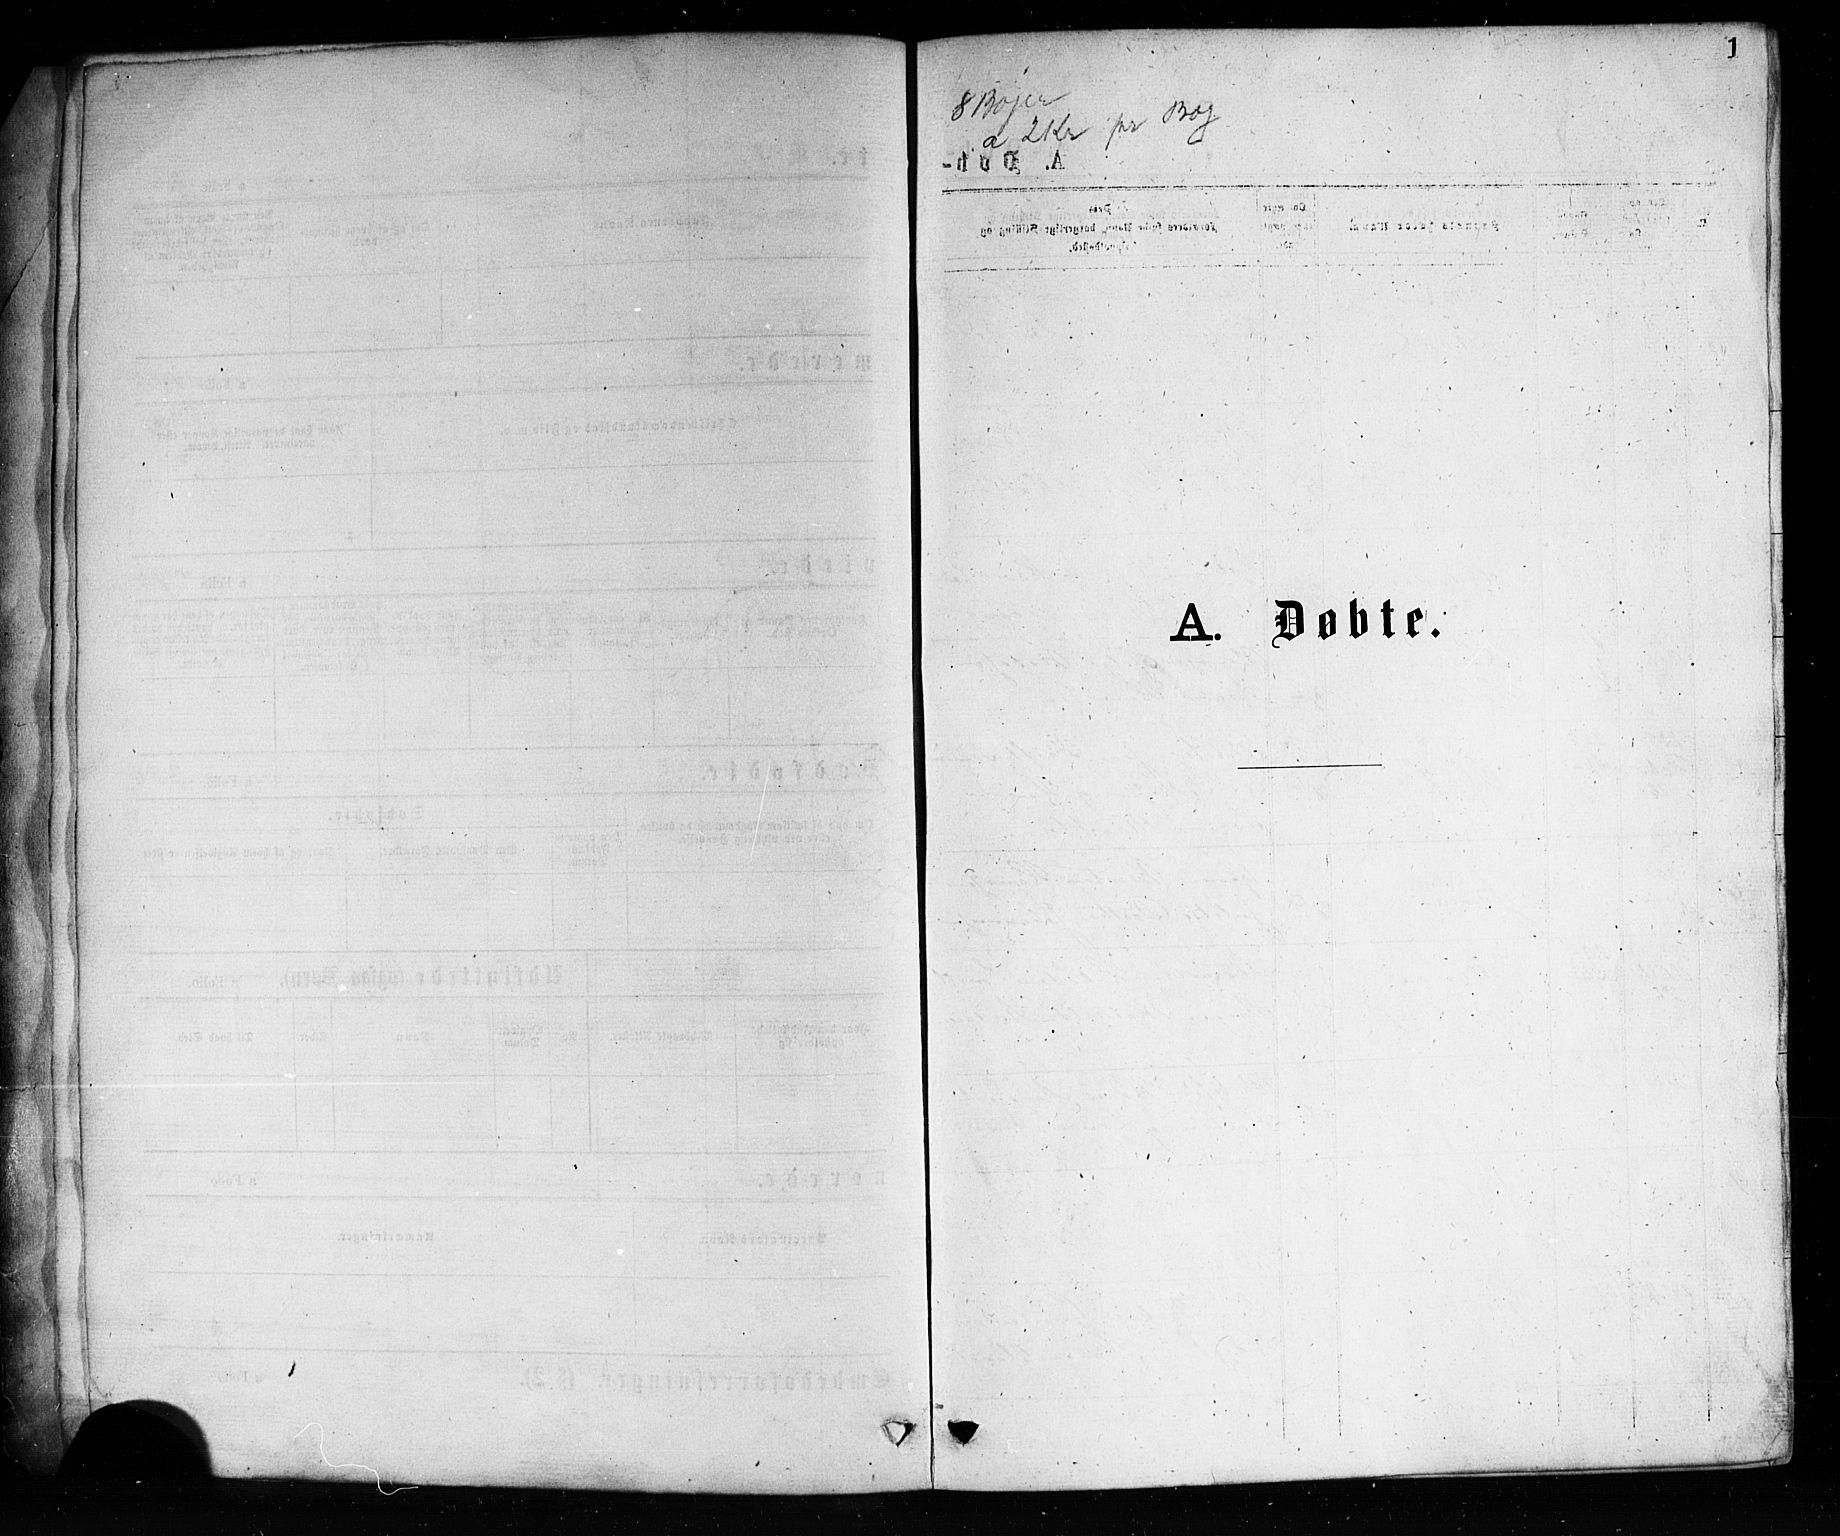 SAKO, Porsgrunn kirkebøker , G/Ga/L0003: Klokkerbok nr. I 3, 1877-1915, s. 1